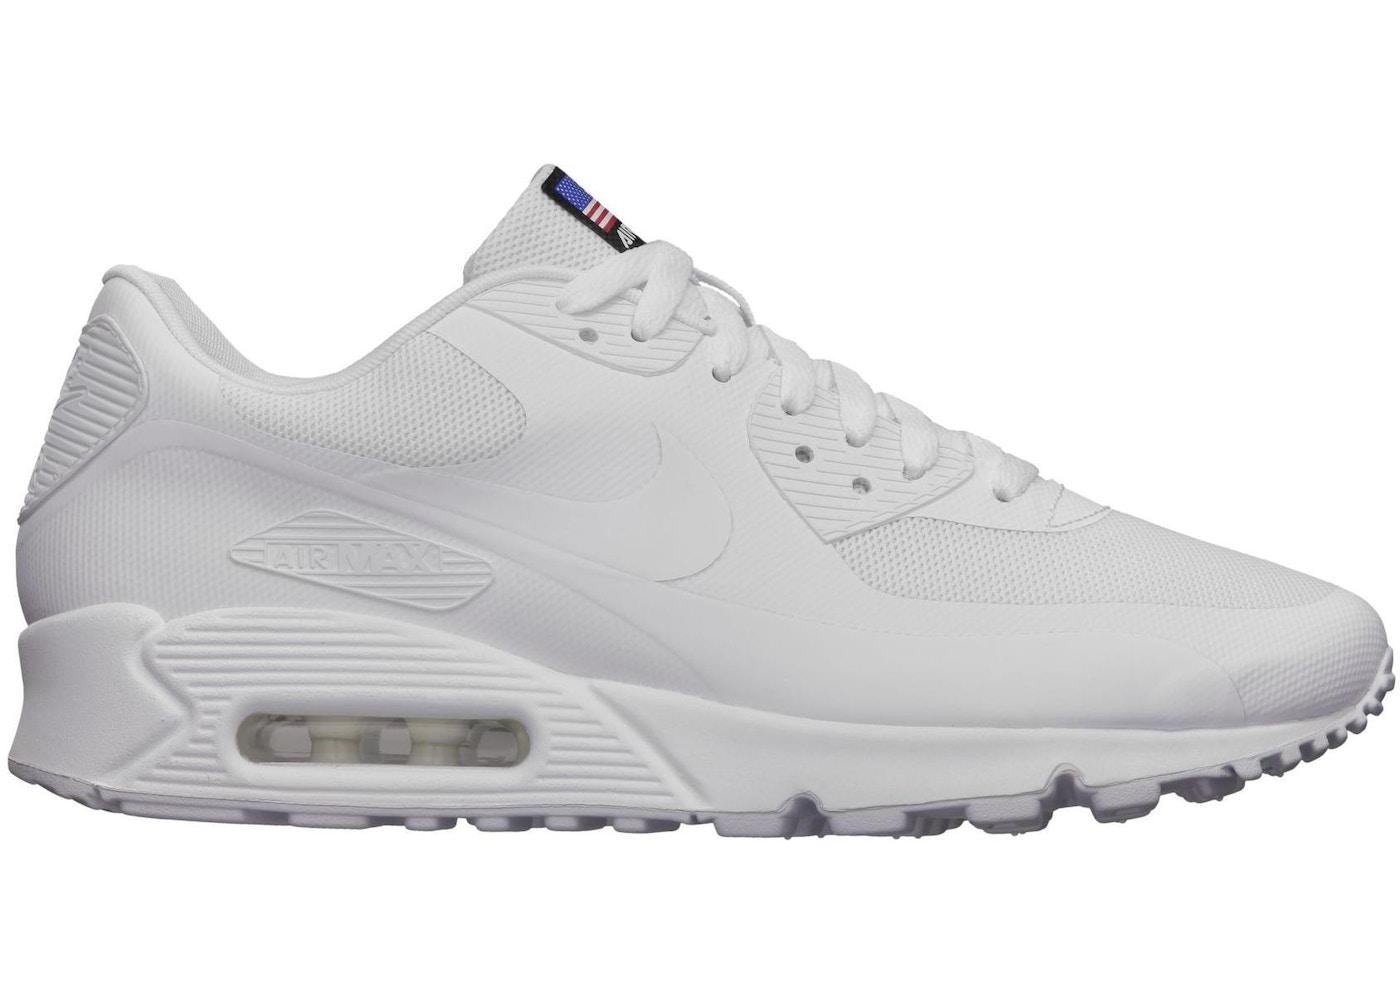 quality design 70c11 afe4d Nike Air Max 90 Shoes - Price Premium